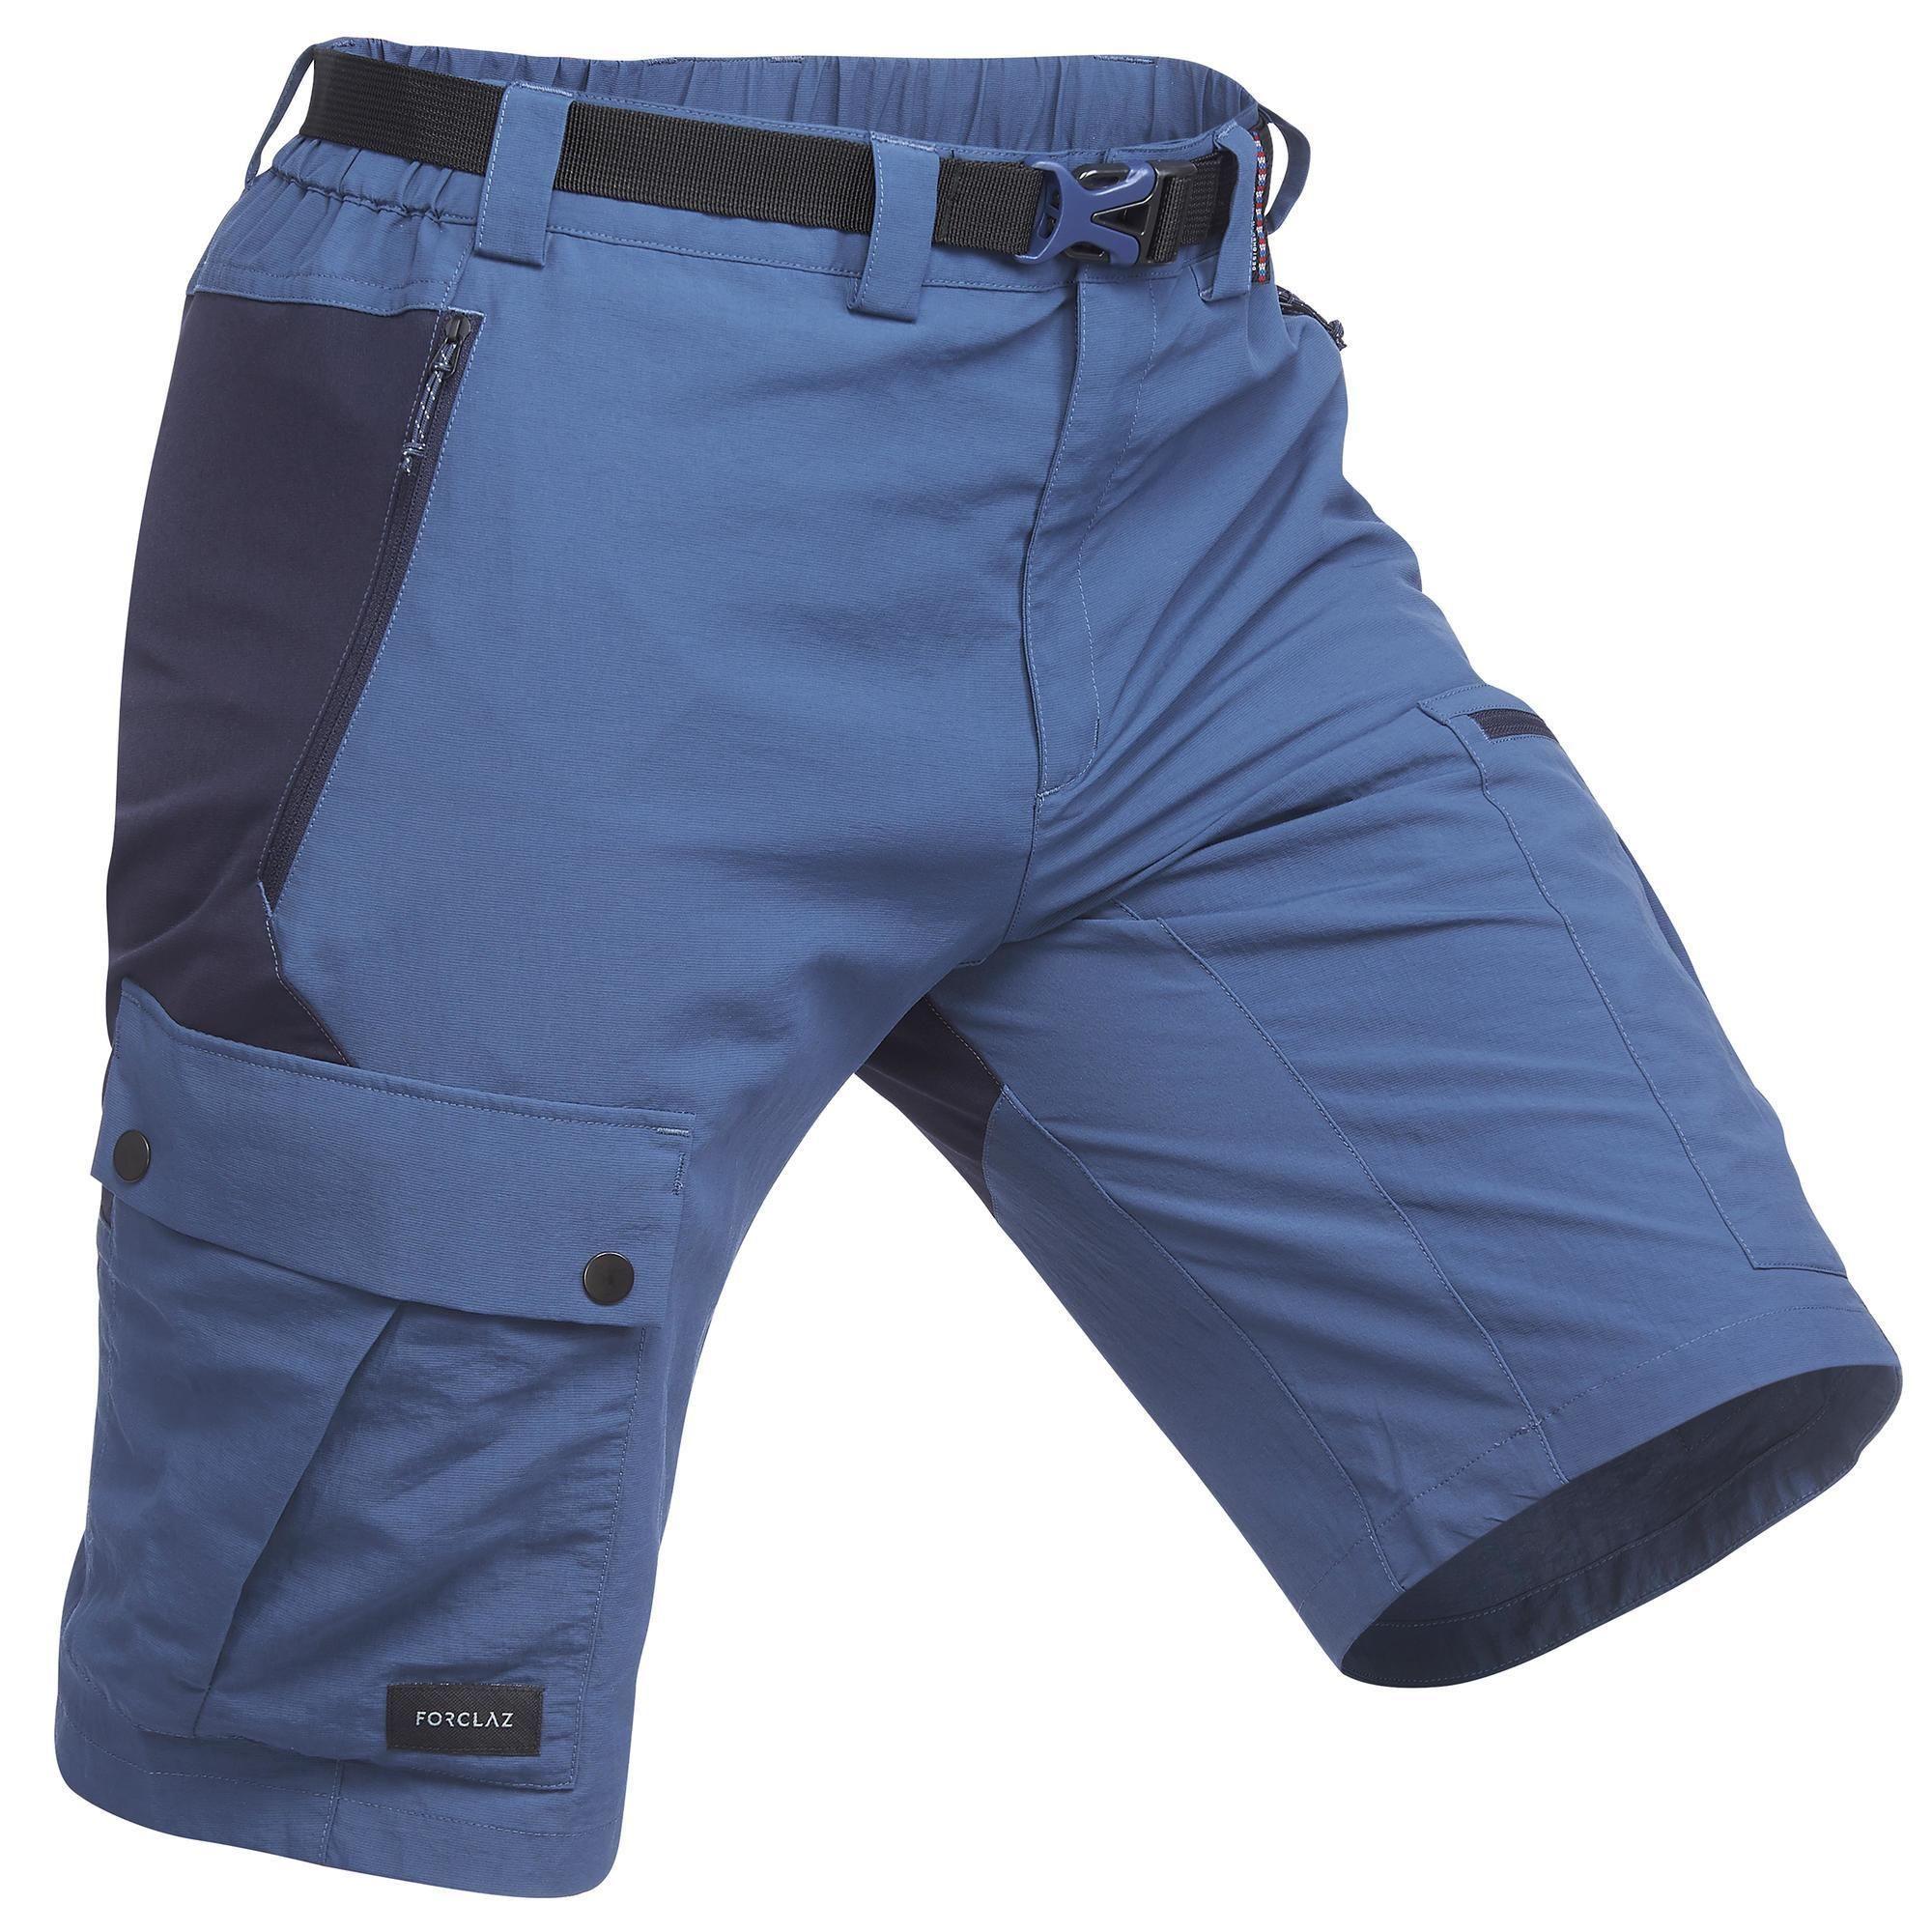 Forclaz Spodnie Trekkingowe Trek 900 Meskie Khaki Ceny I Opinie Ceneo Pl